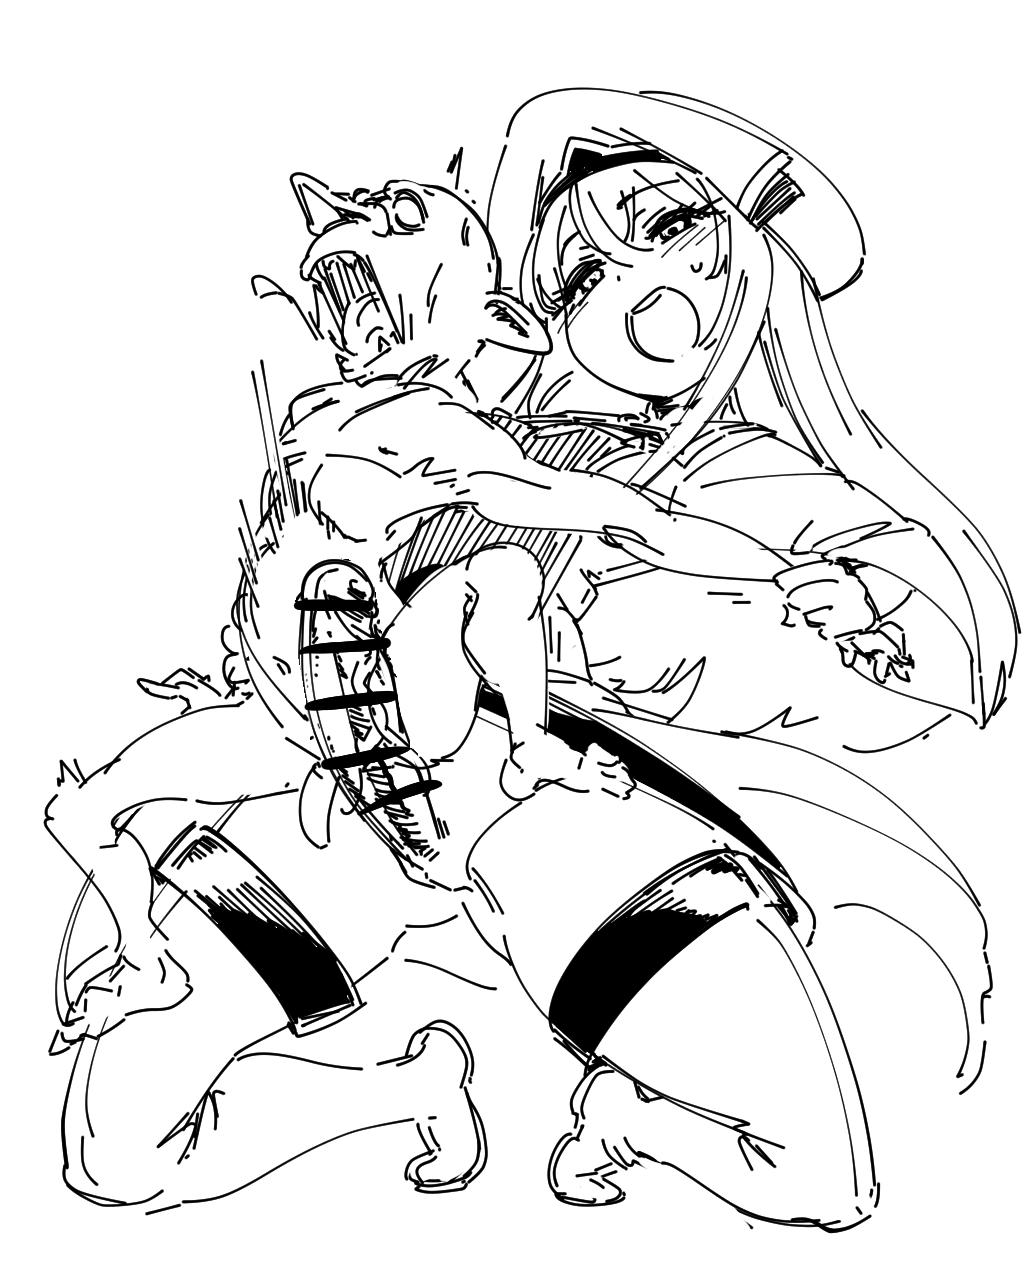 uncut ep 1 goblin slayer Shiina misha mikado